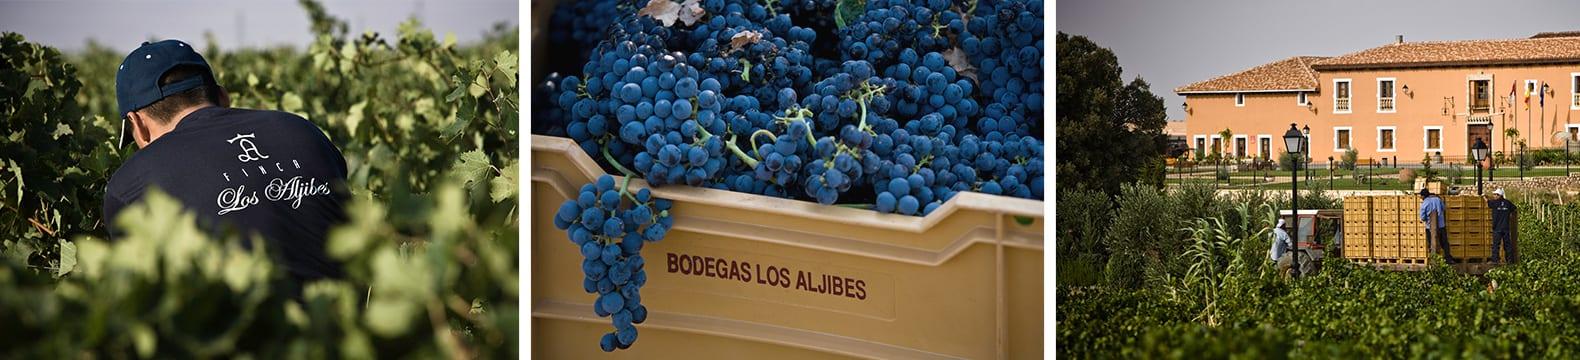 Impressionen von der Weinlese in der Bodega Los Aljibes